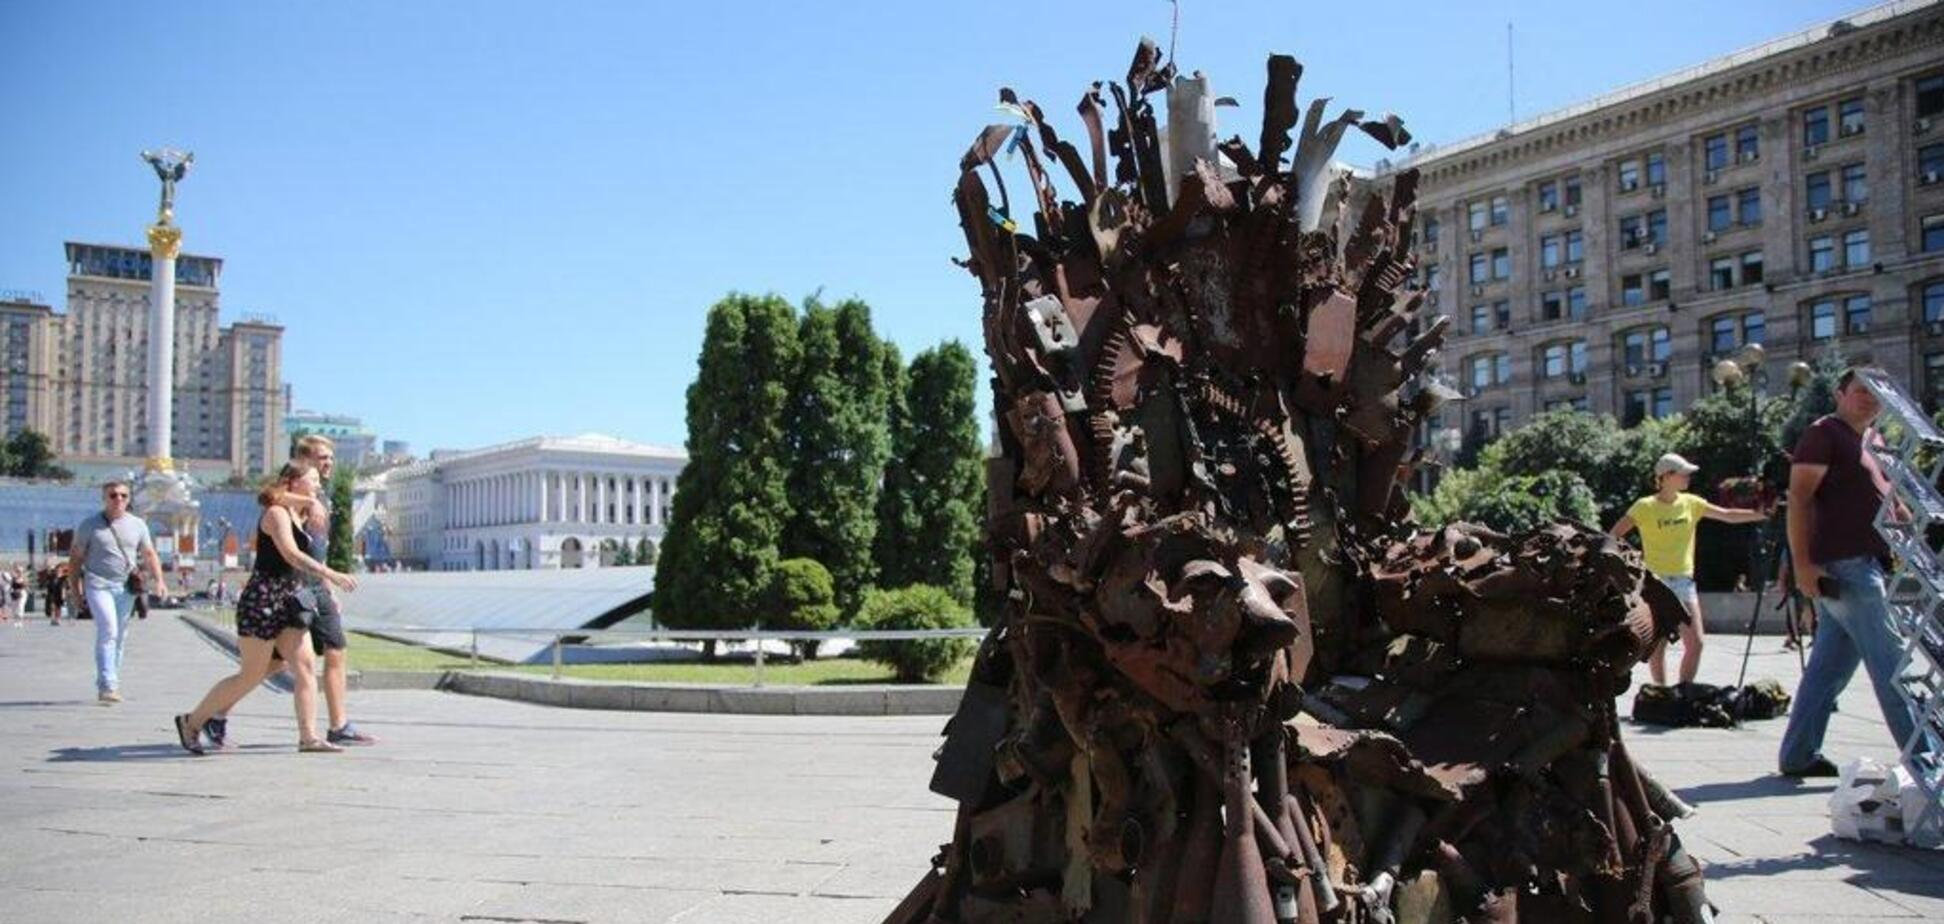 В Киеве установили Железный трон из 'Игры престолов': что в нем необычного